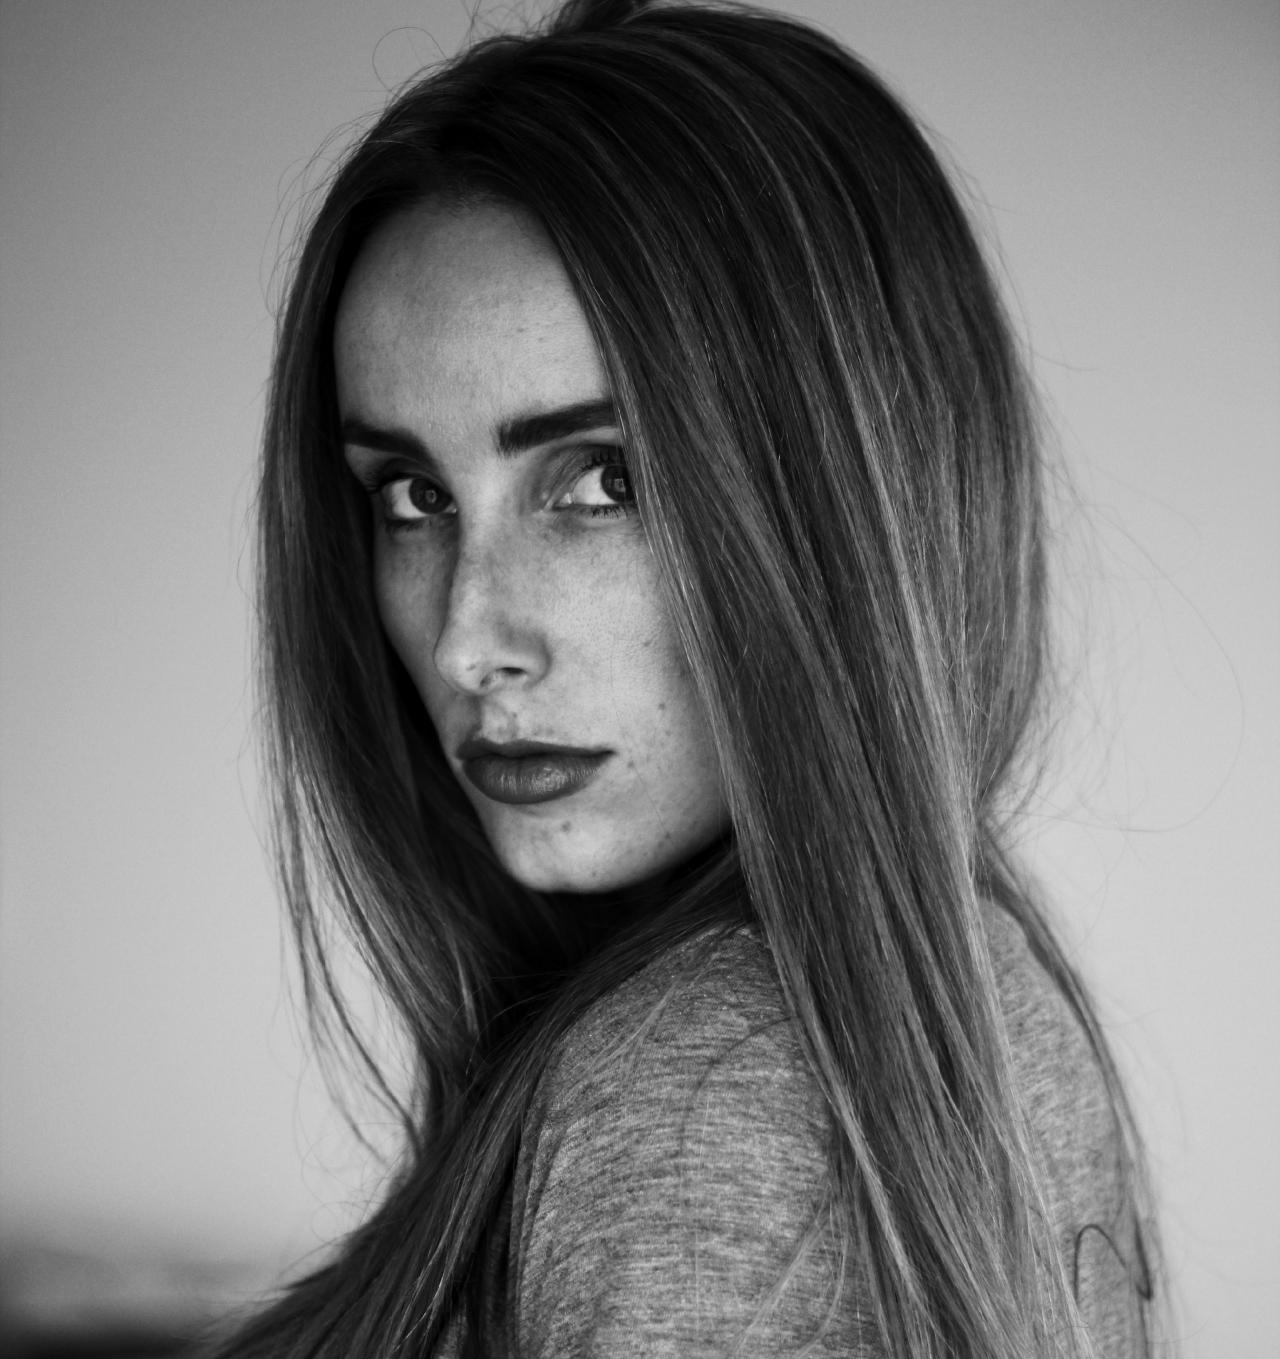 Adrienne, January 2014